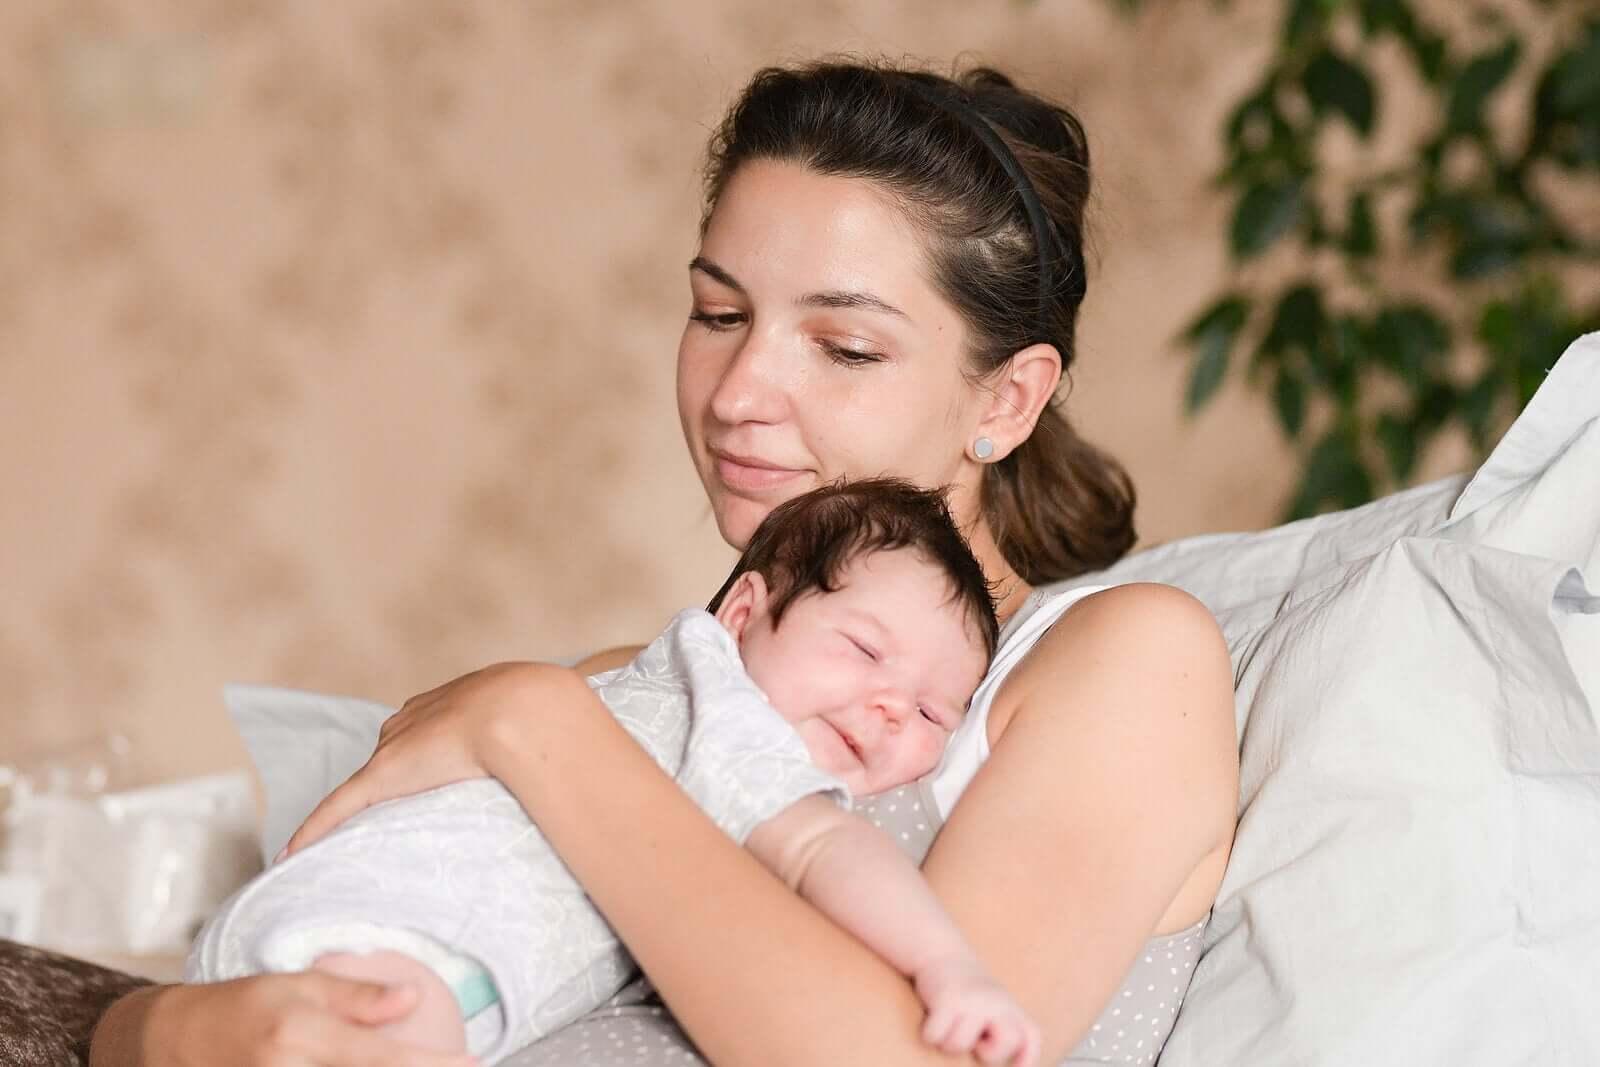 coisas que você pode fazer para se conectar com seu bebê